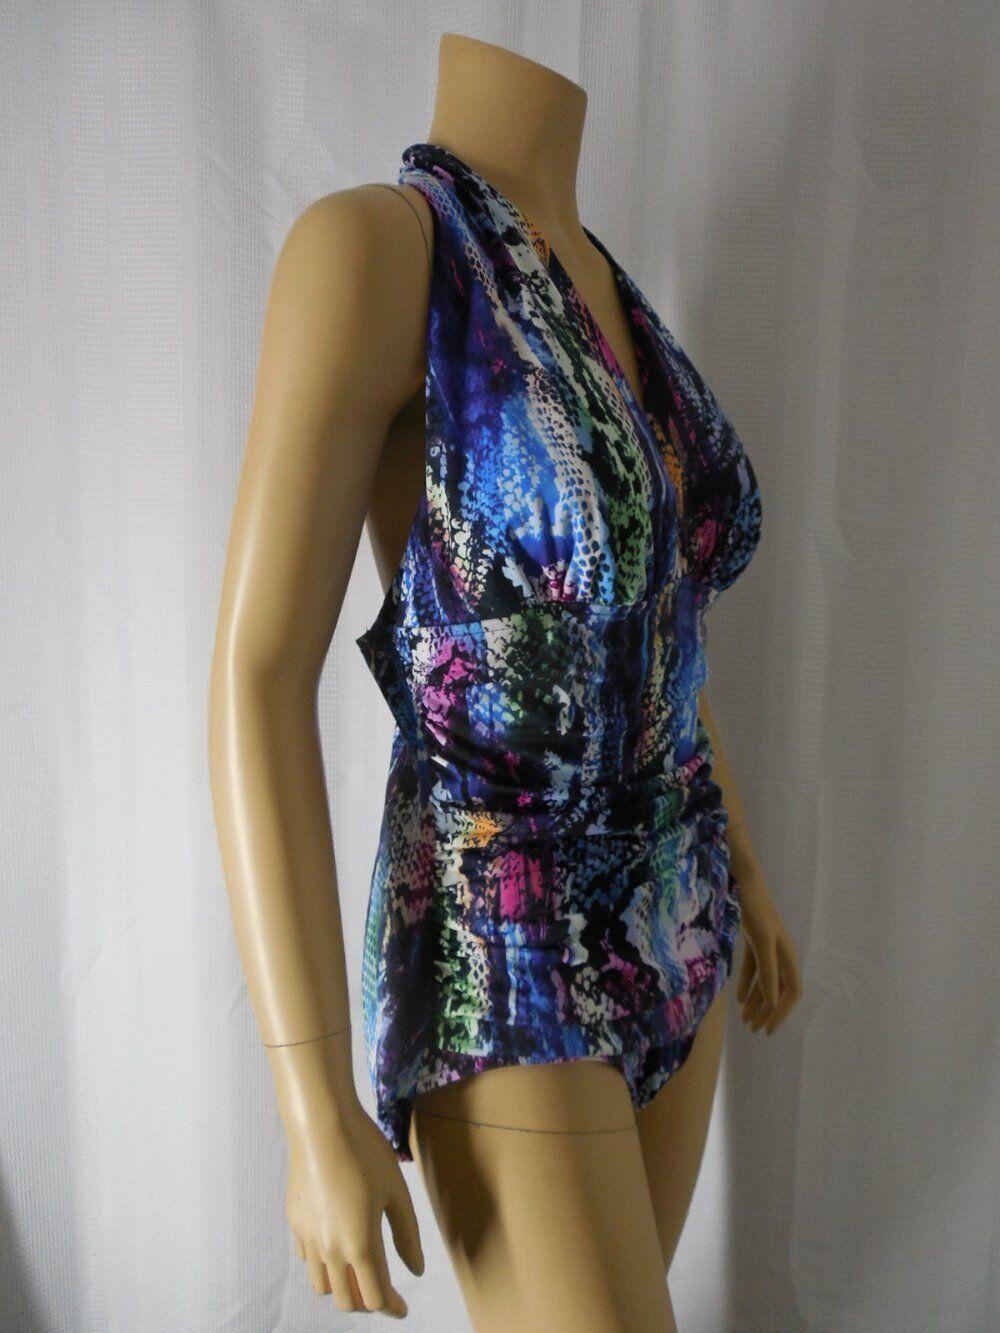 Dos-nu MAGICSUIT maillot de bain 16 Multi Farbe Serpent Imprimé Froncé Panneau Neuf avec étiquettes